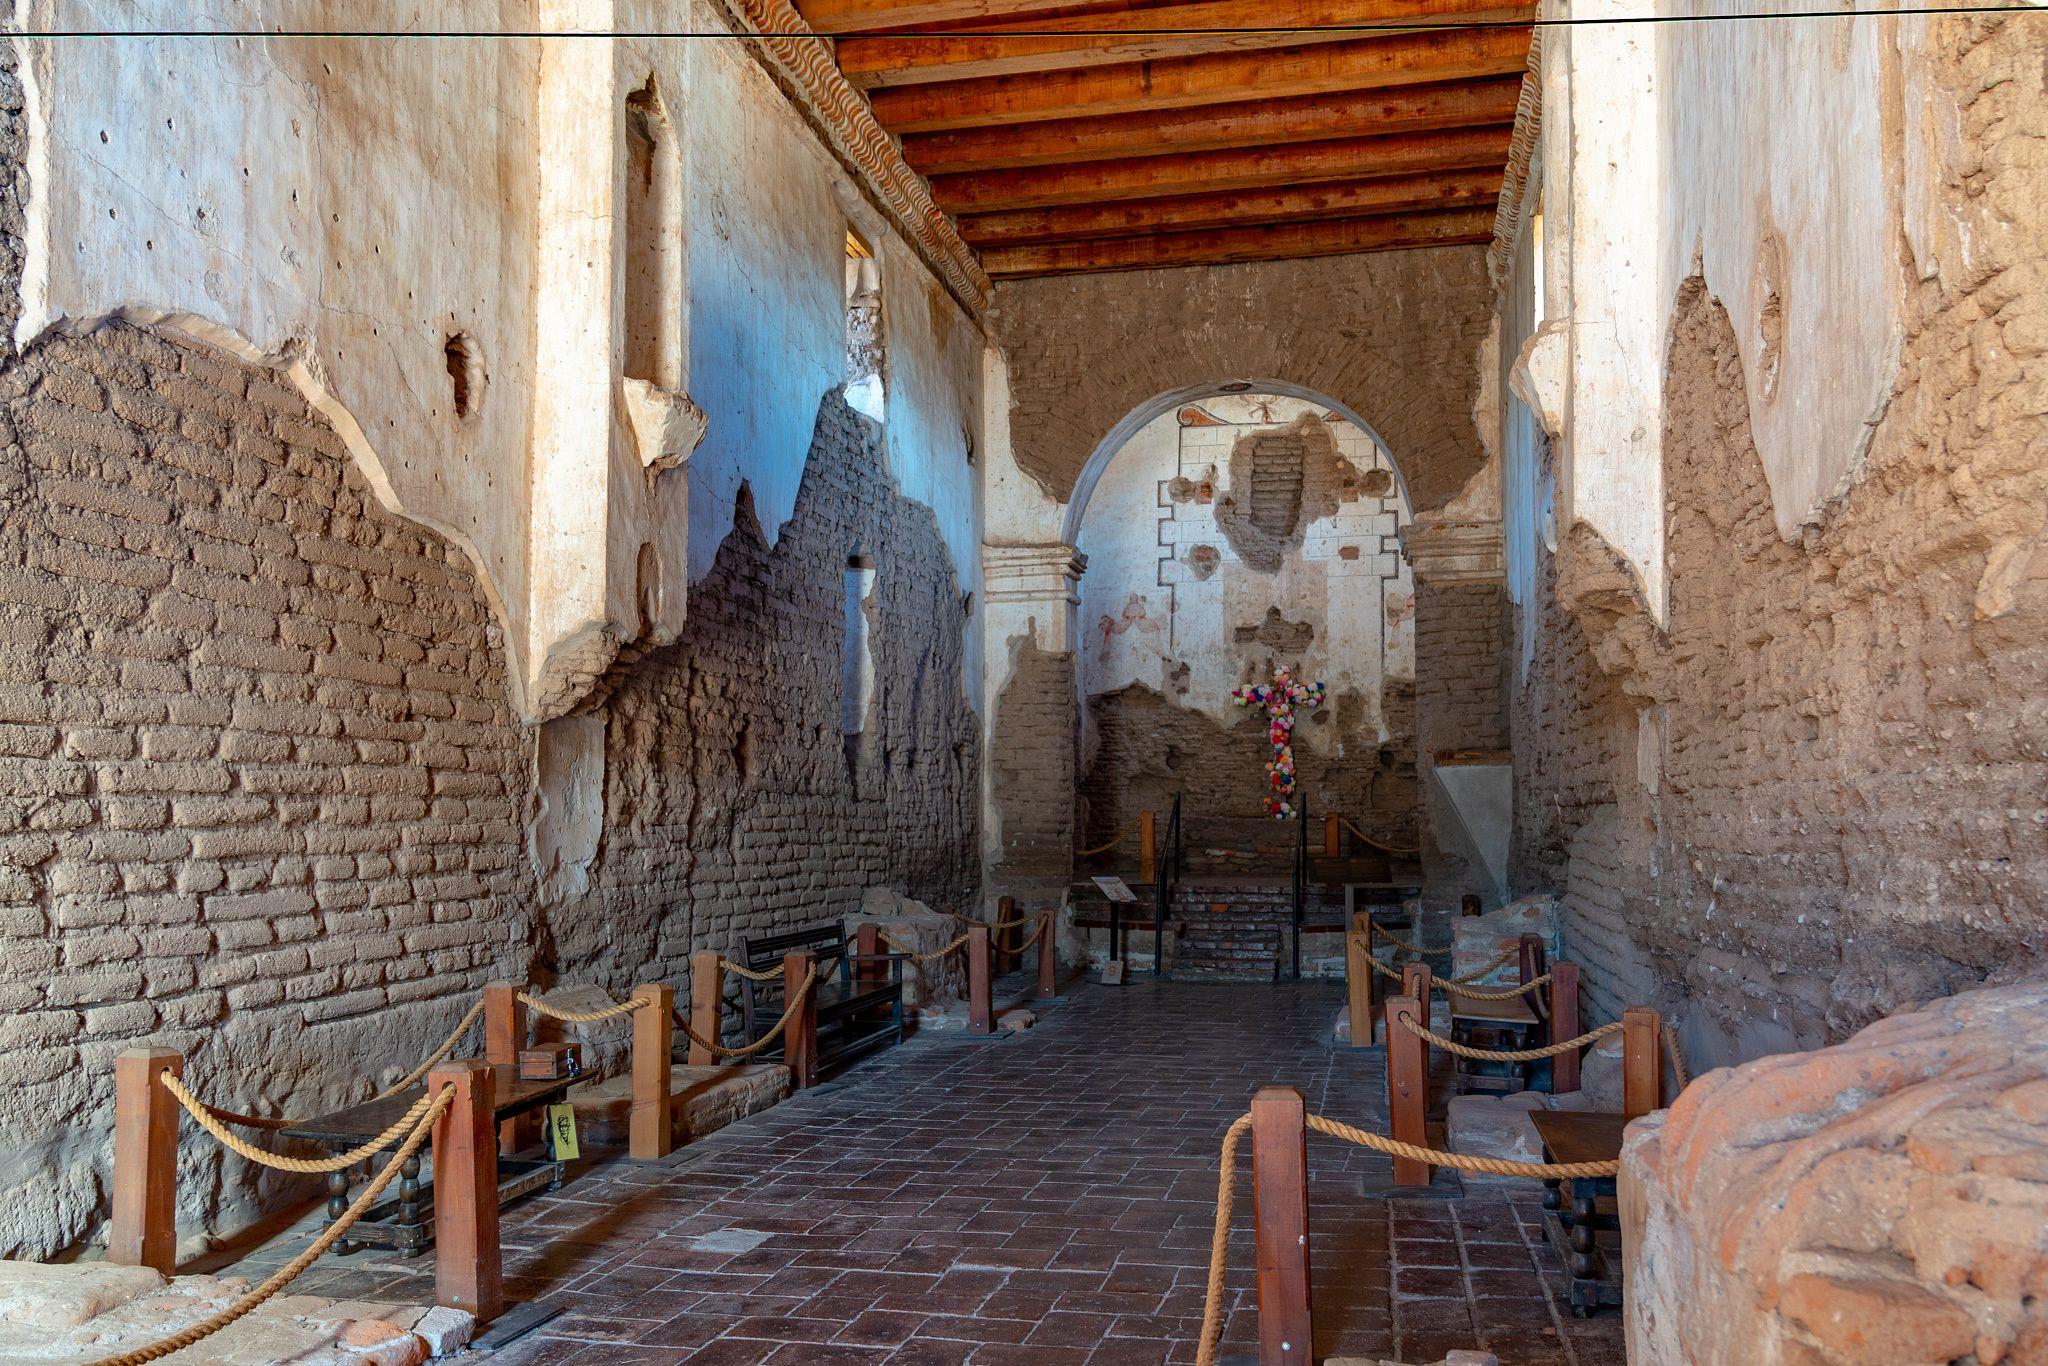 Inside Mission San José de Tumacácori